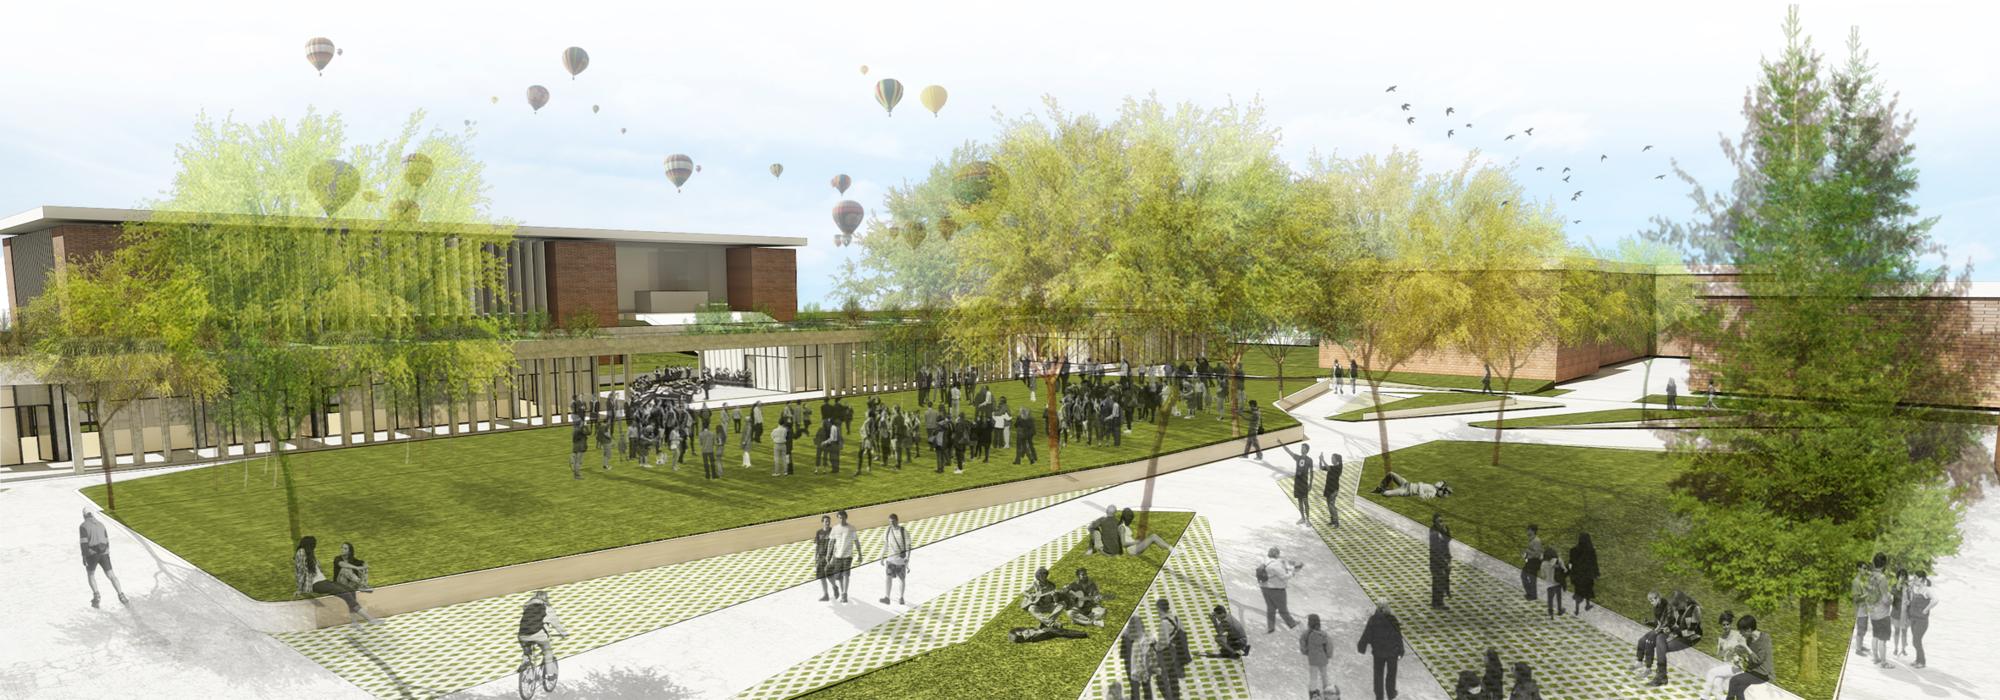 """Primer Lugar  Concurso para el """"Master Plan Campus Universidad Católica de Córdoba"""", 01 Edificio Plaza Agora. Image © Equipo Primer Lugar"""